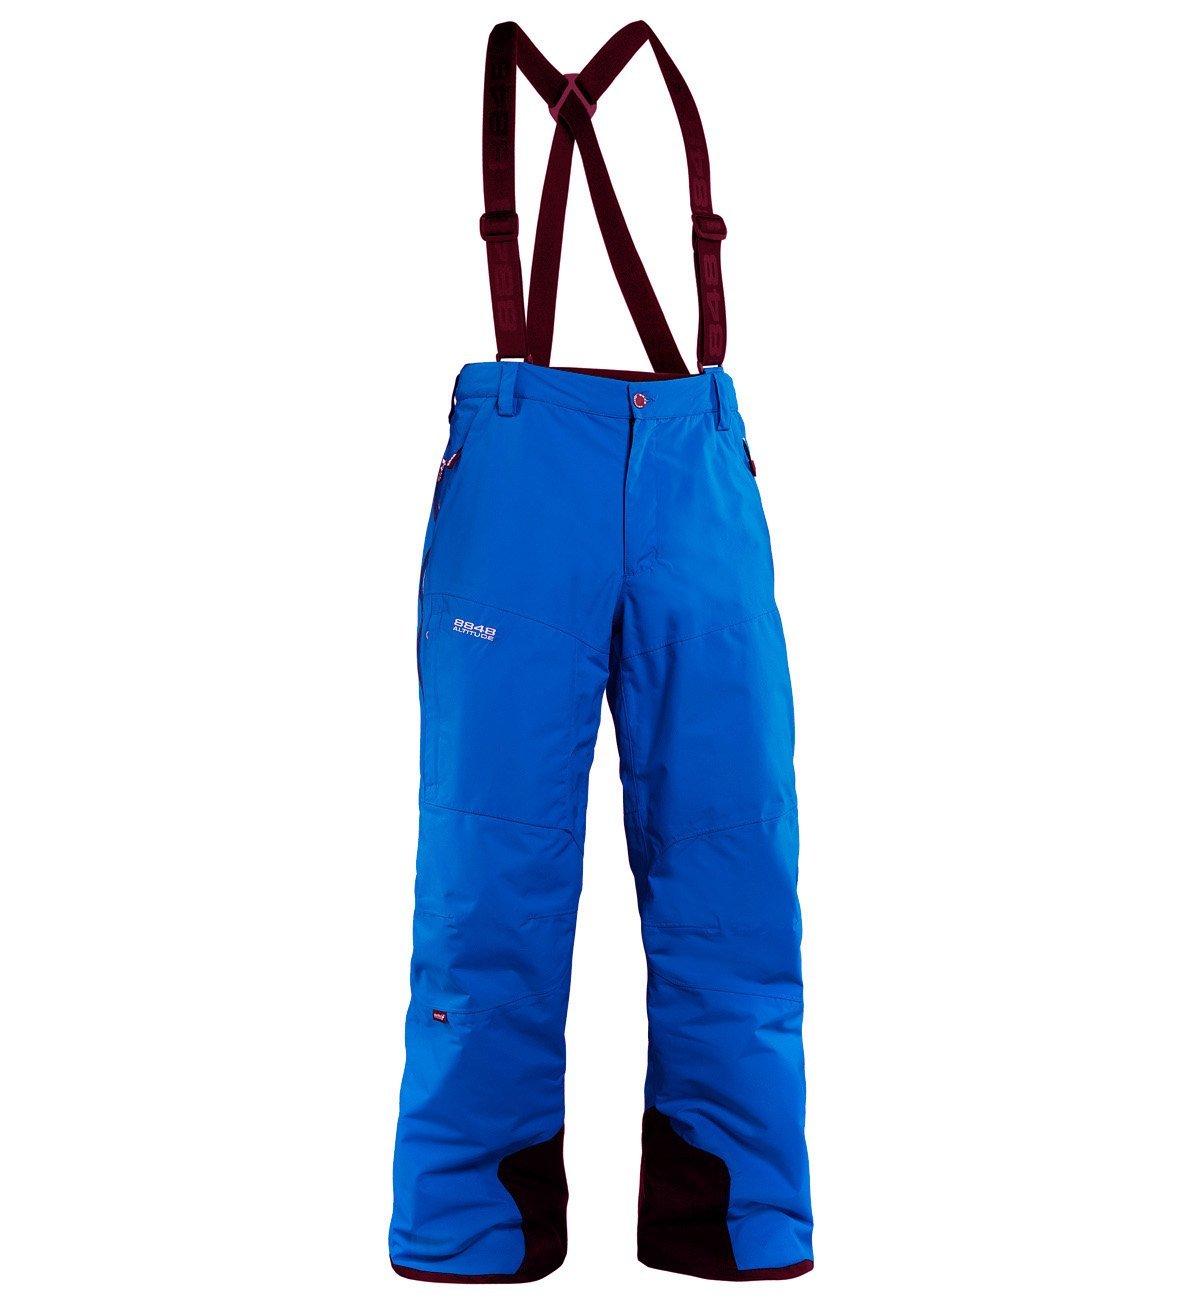 Брюки горнолыжные 8848 Altitude Coron  Blue (783533)